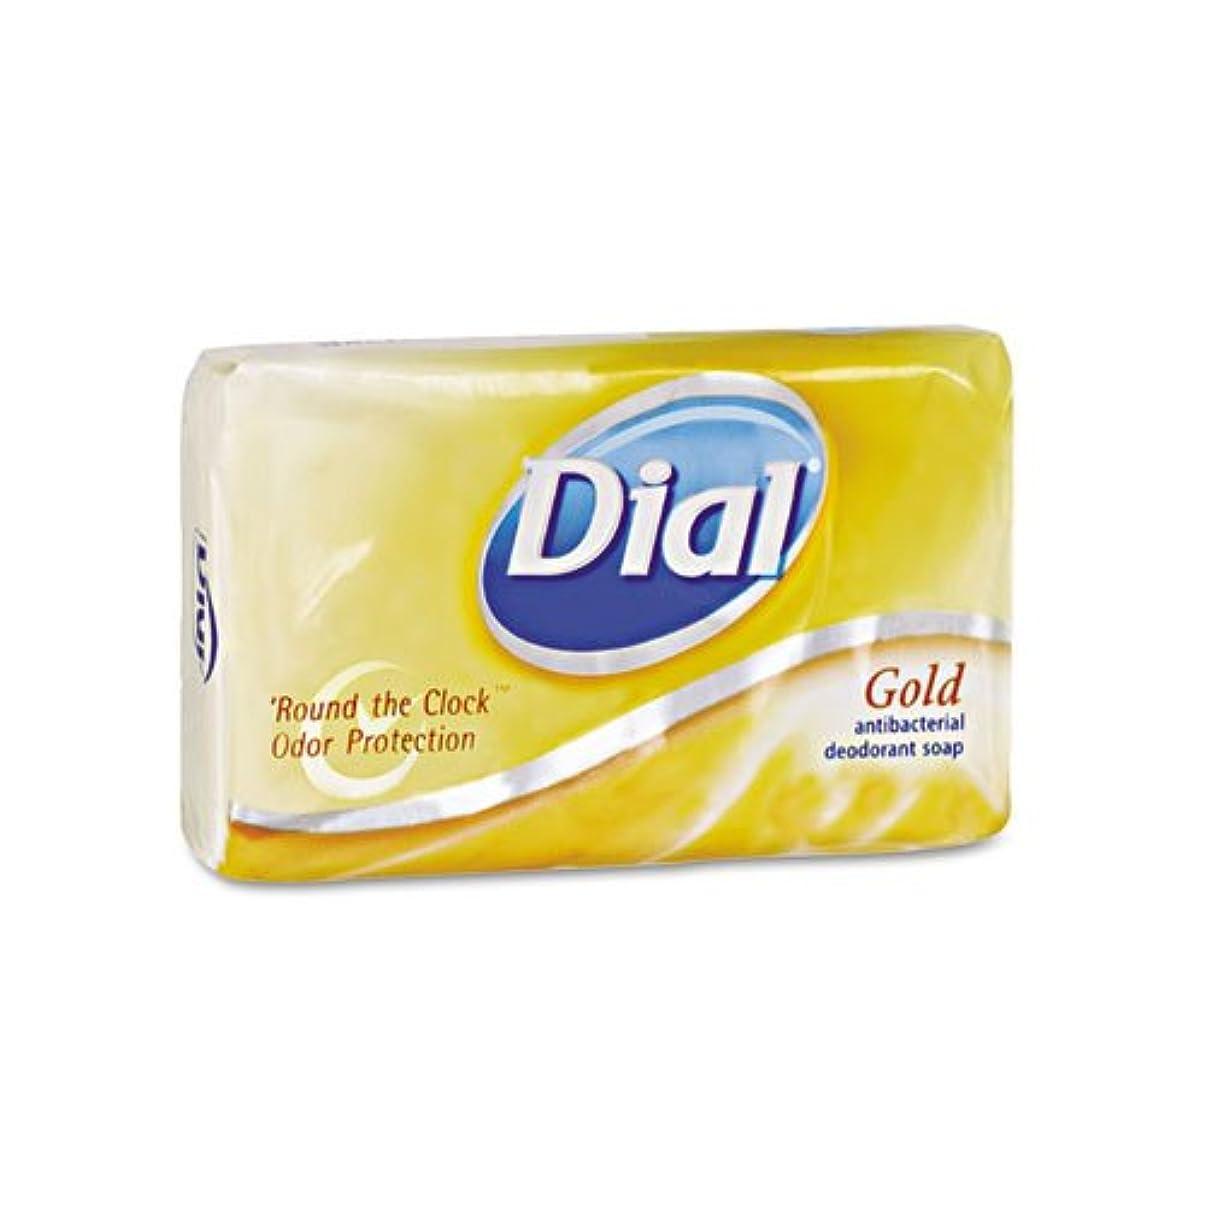 言い換えると遮る幽霊ダイヤル& # xFFFD ;抗菌Deodorant Bar Soap、個別包装、ゴールド、4オンス